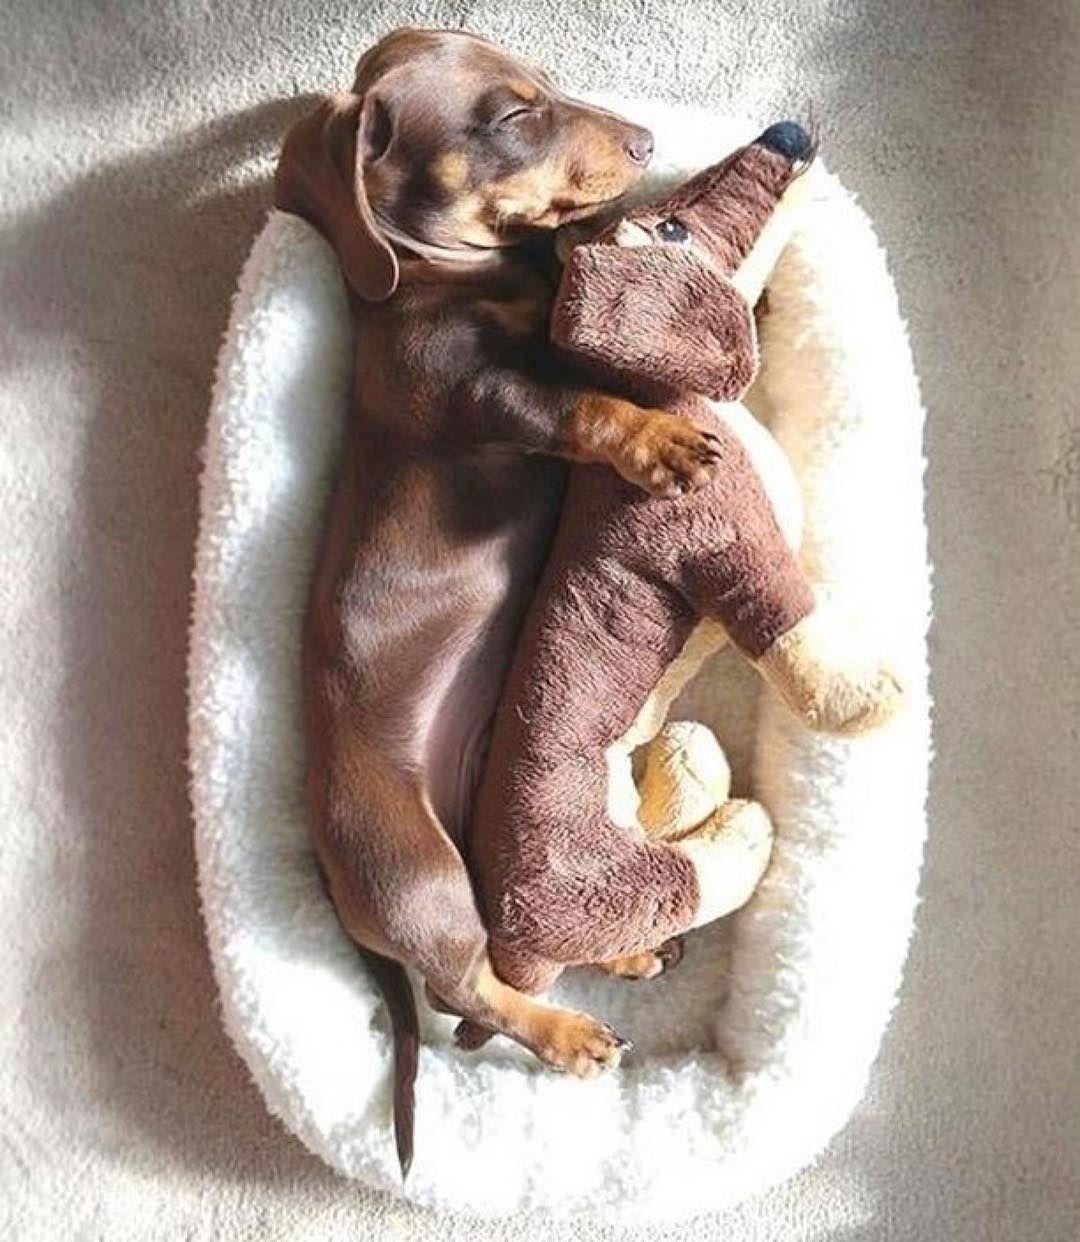 """Dogs with Style on Instagram: """"Cuddle time 😴 @ralphthechocolatesausage #dachshund #sausagedog #sleep #dogbed #sunday #weekend #dognap #snoozedog #sleepingdog #dogs…"""""""